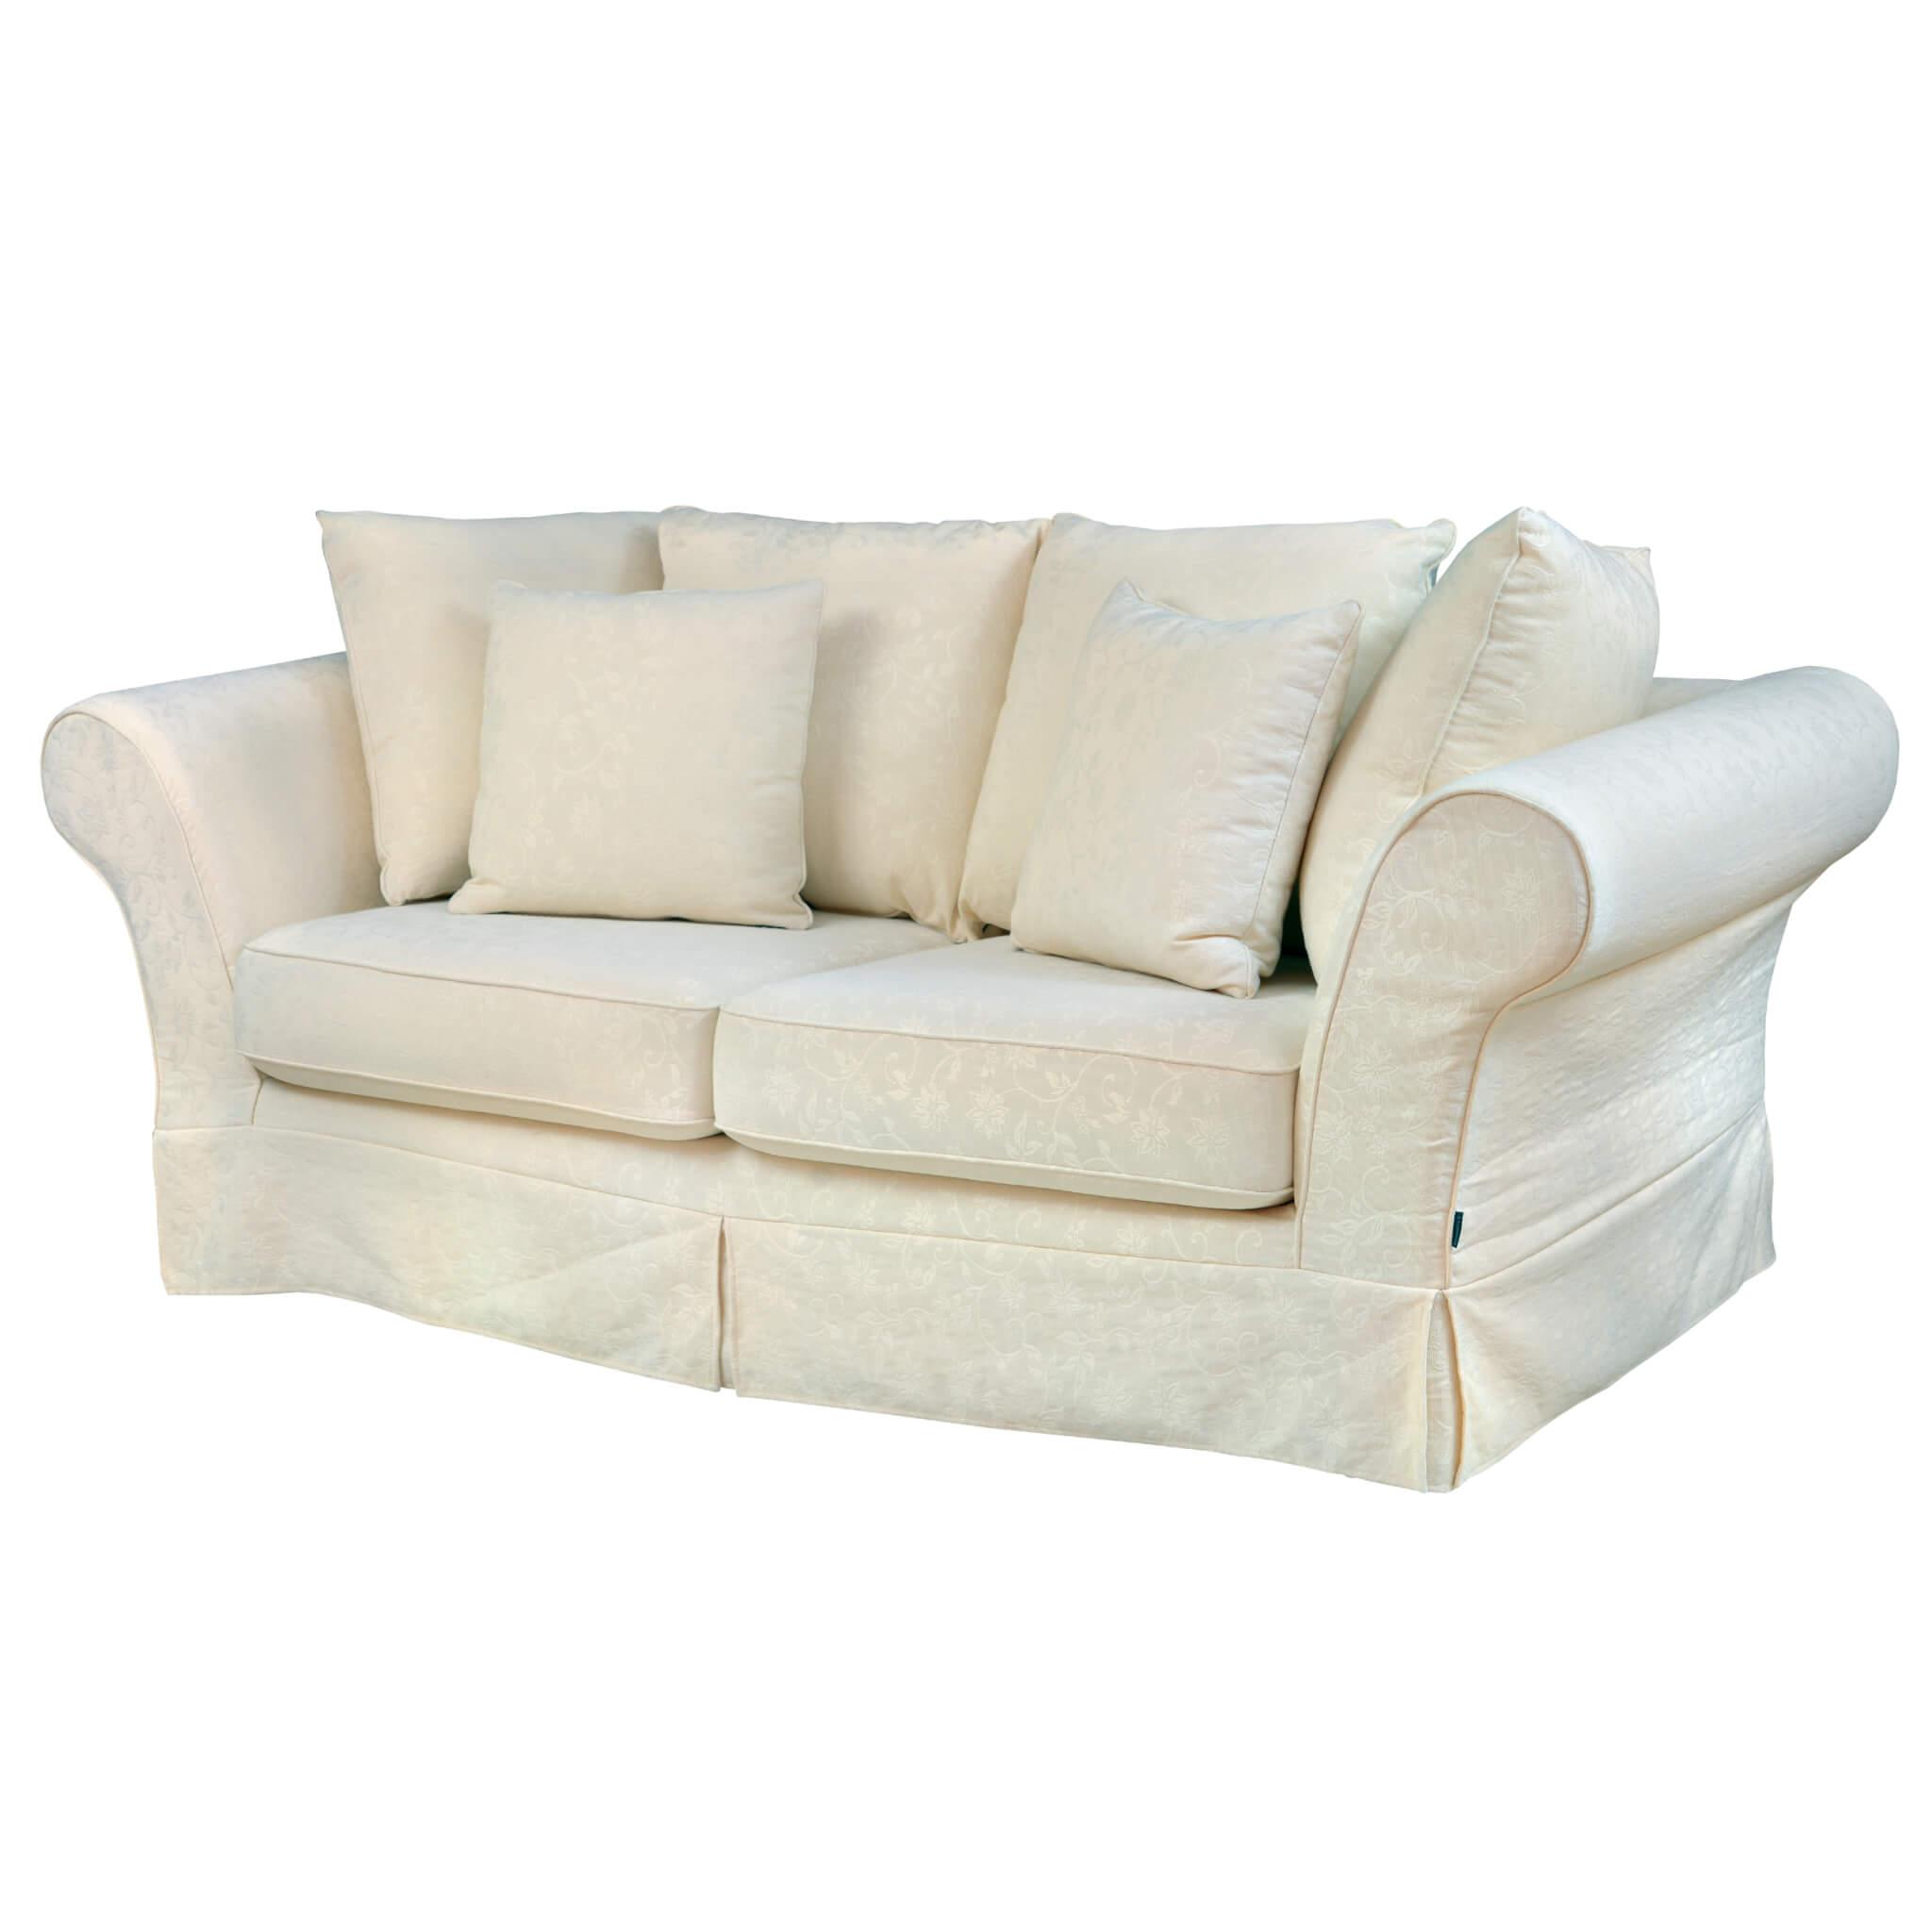 3 sitzer orlando mit husse ph nix sch ner leben. Black Bedroom Furniture Sets. Home Design Ideas